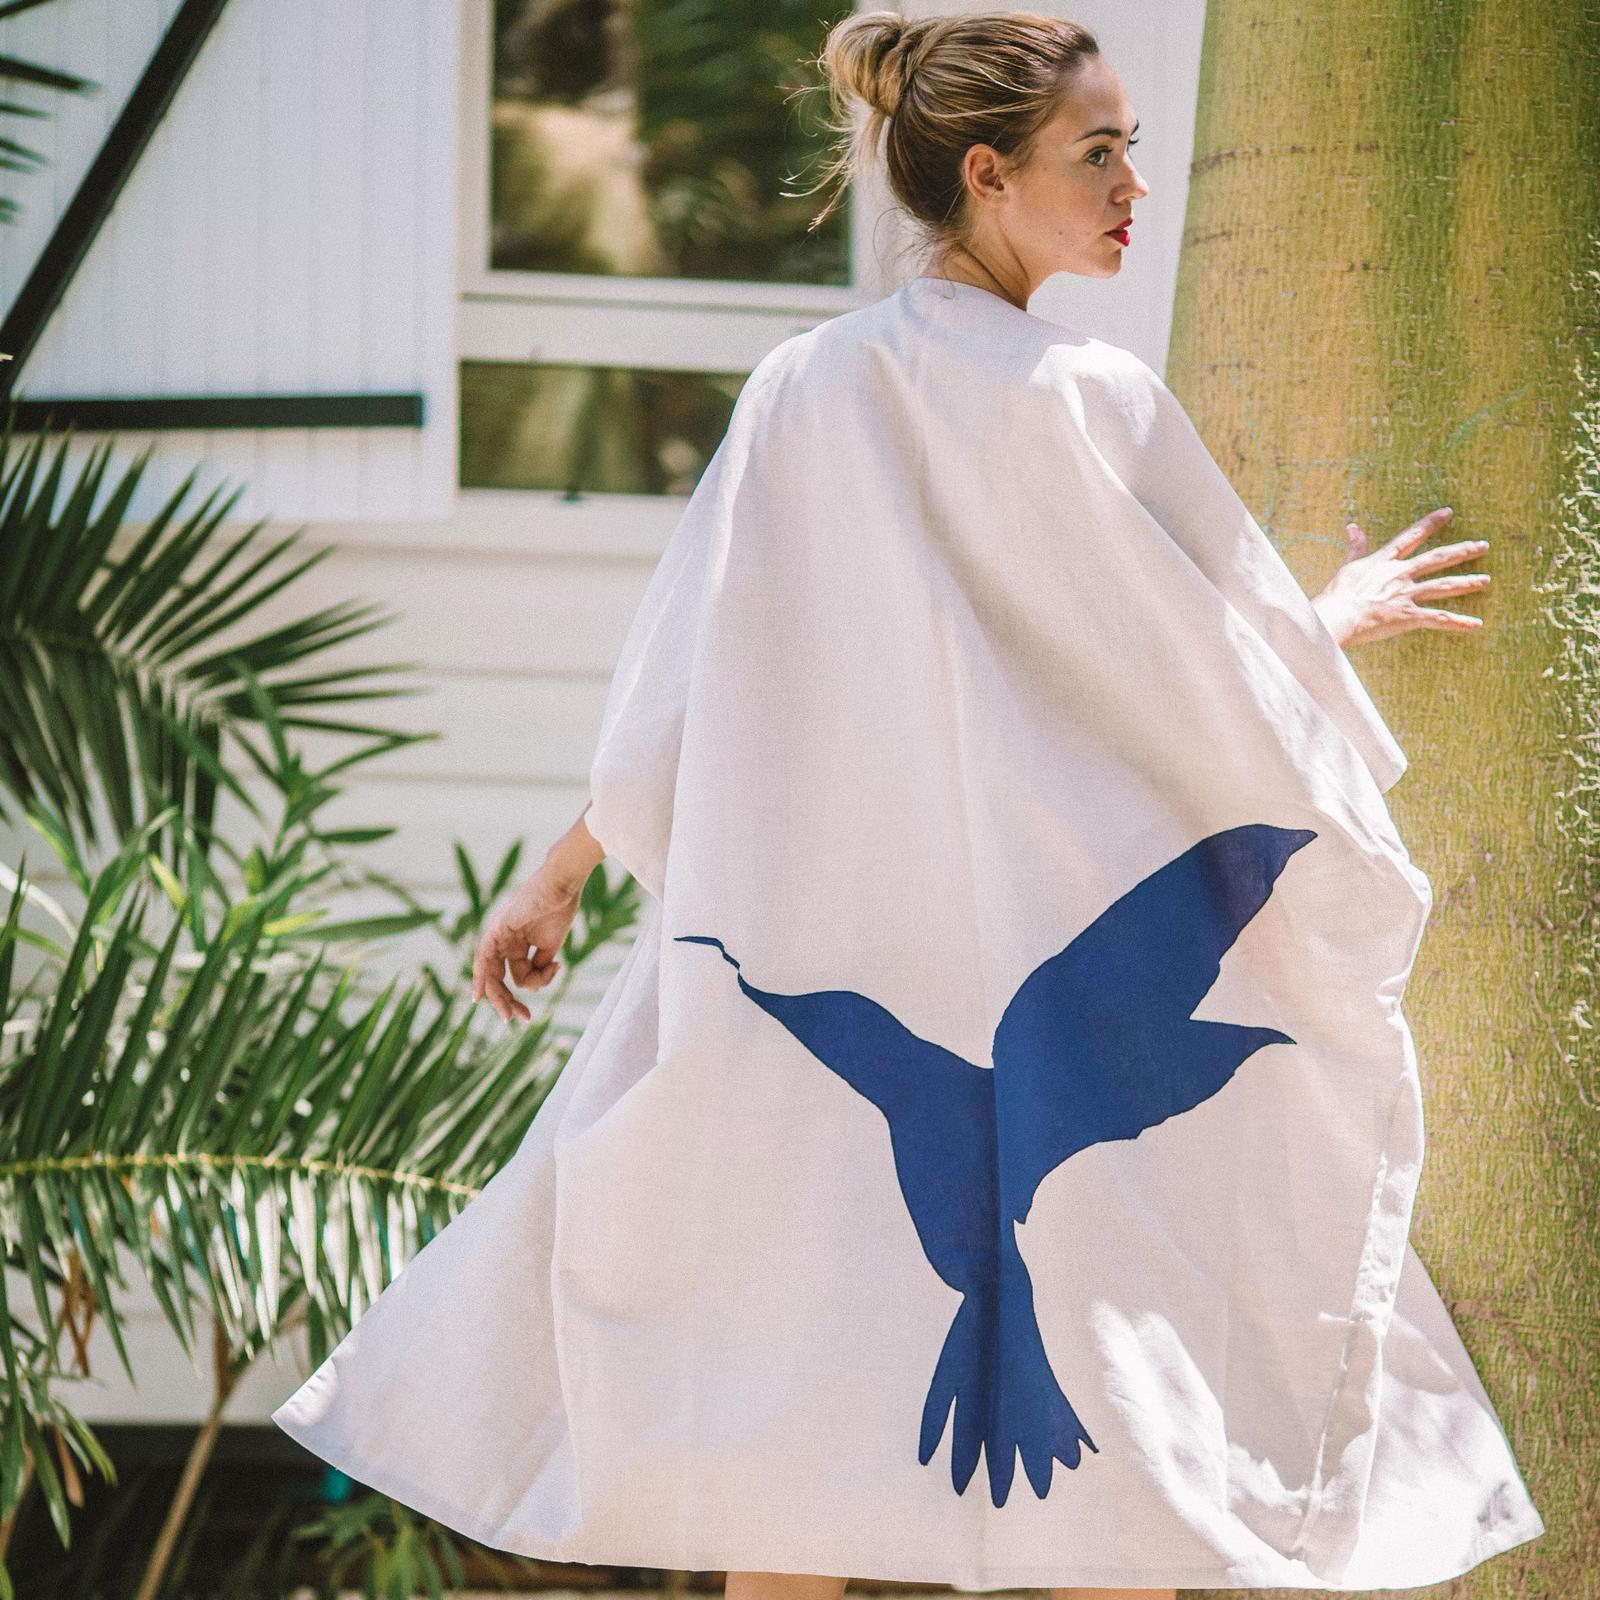 Kaftan de lino color crudo con aplicacion de colibri bordada en la espalda